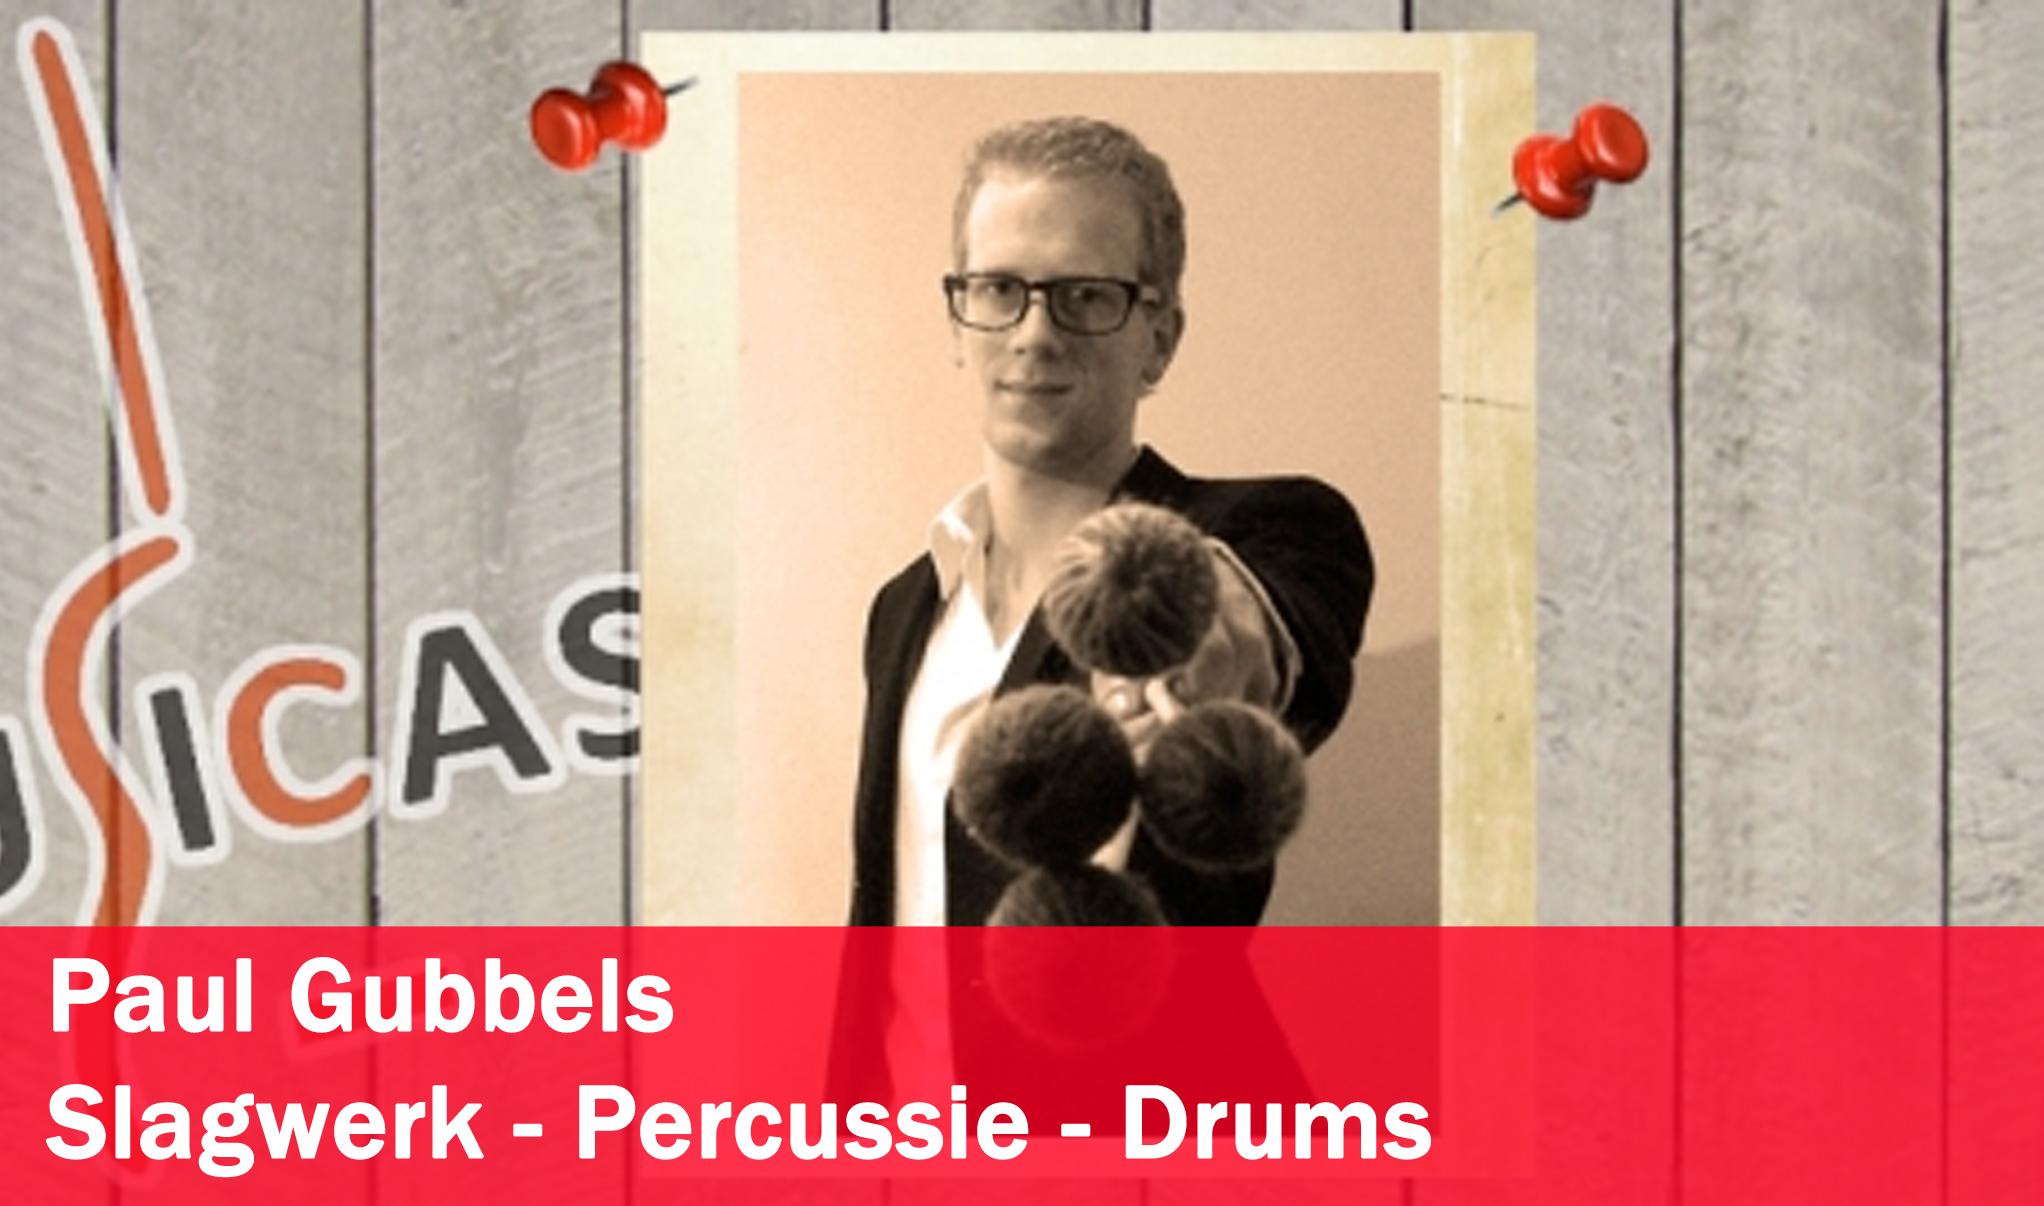 Paul Gubbels <br>Slagwerk - Percussie - Drums